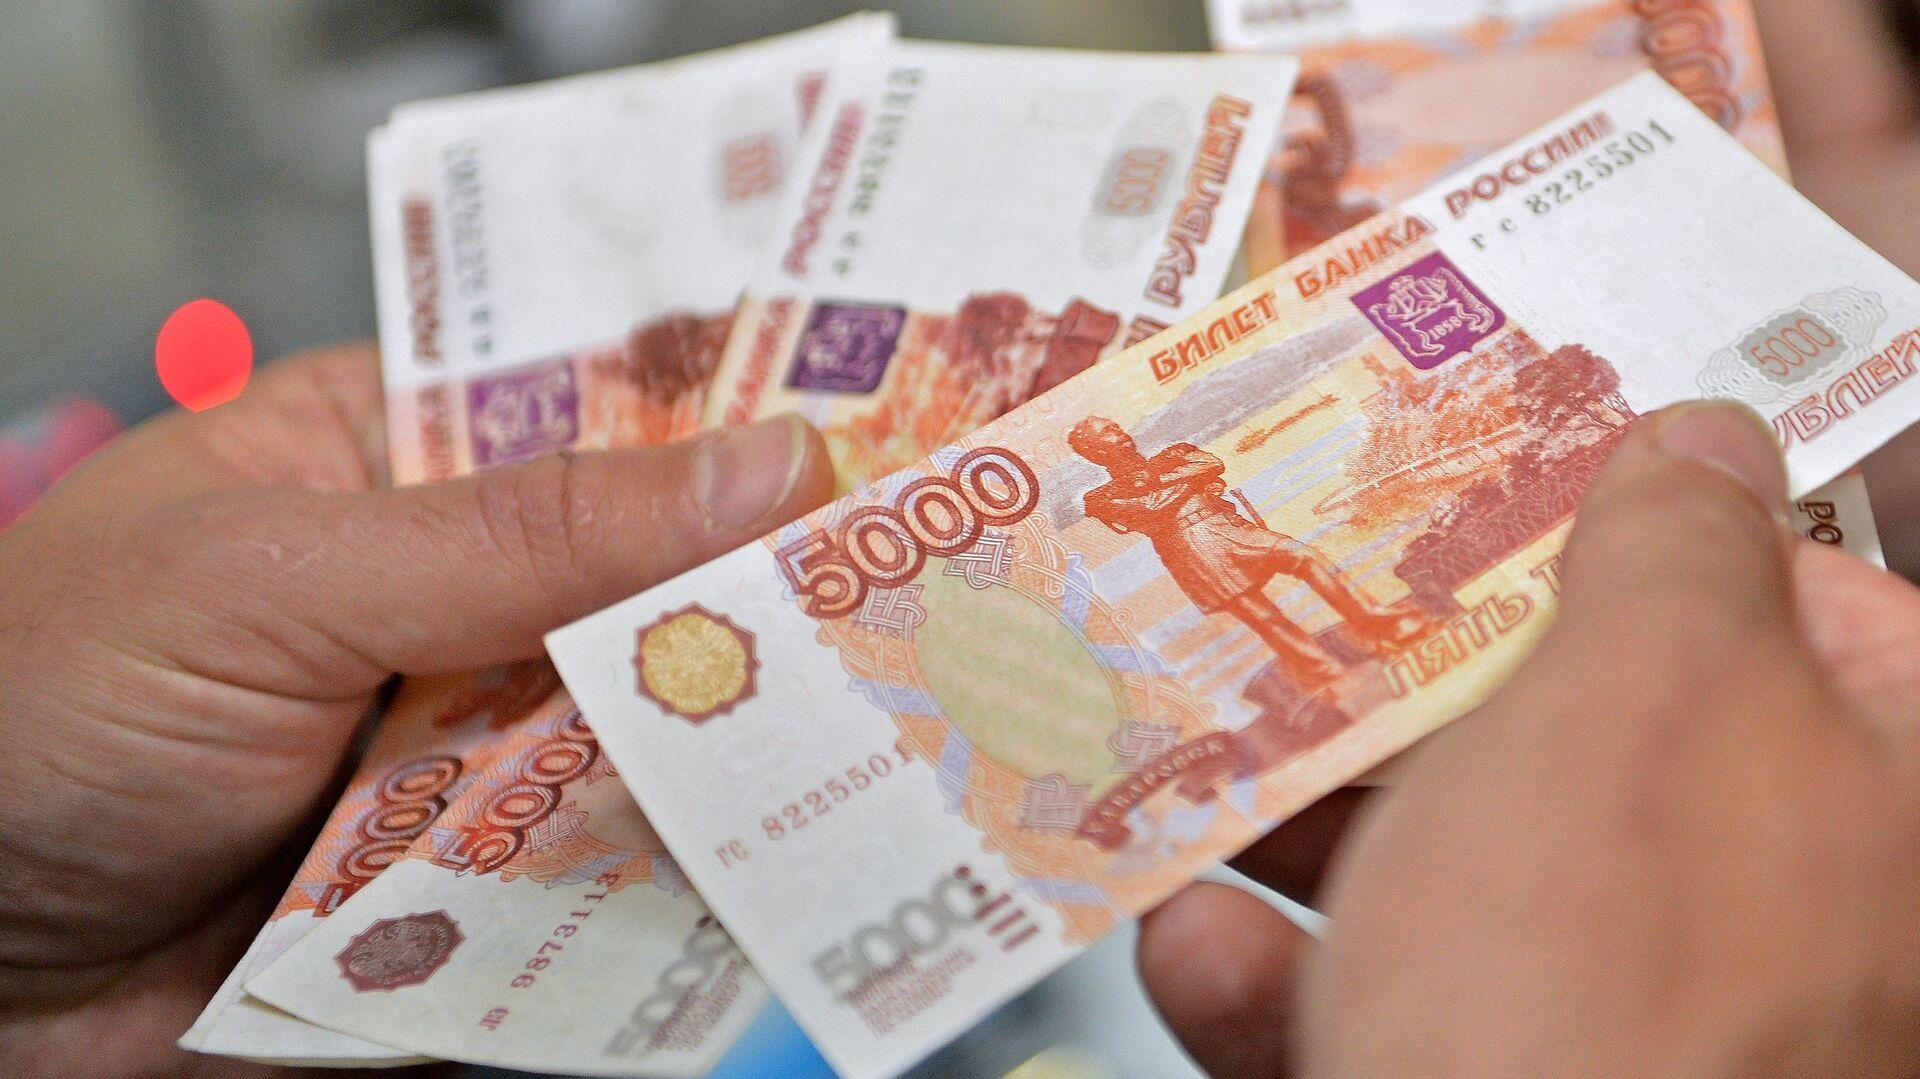 Аналитик дал совет, как эффективно вложить пять тысяч рублей